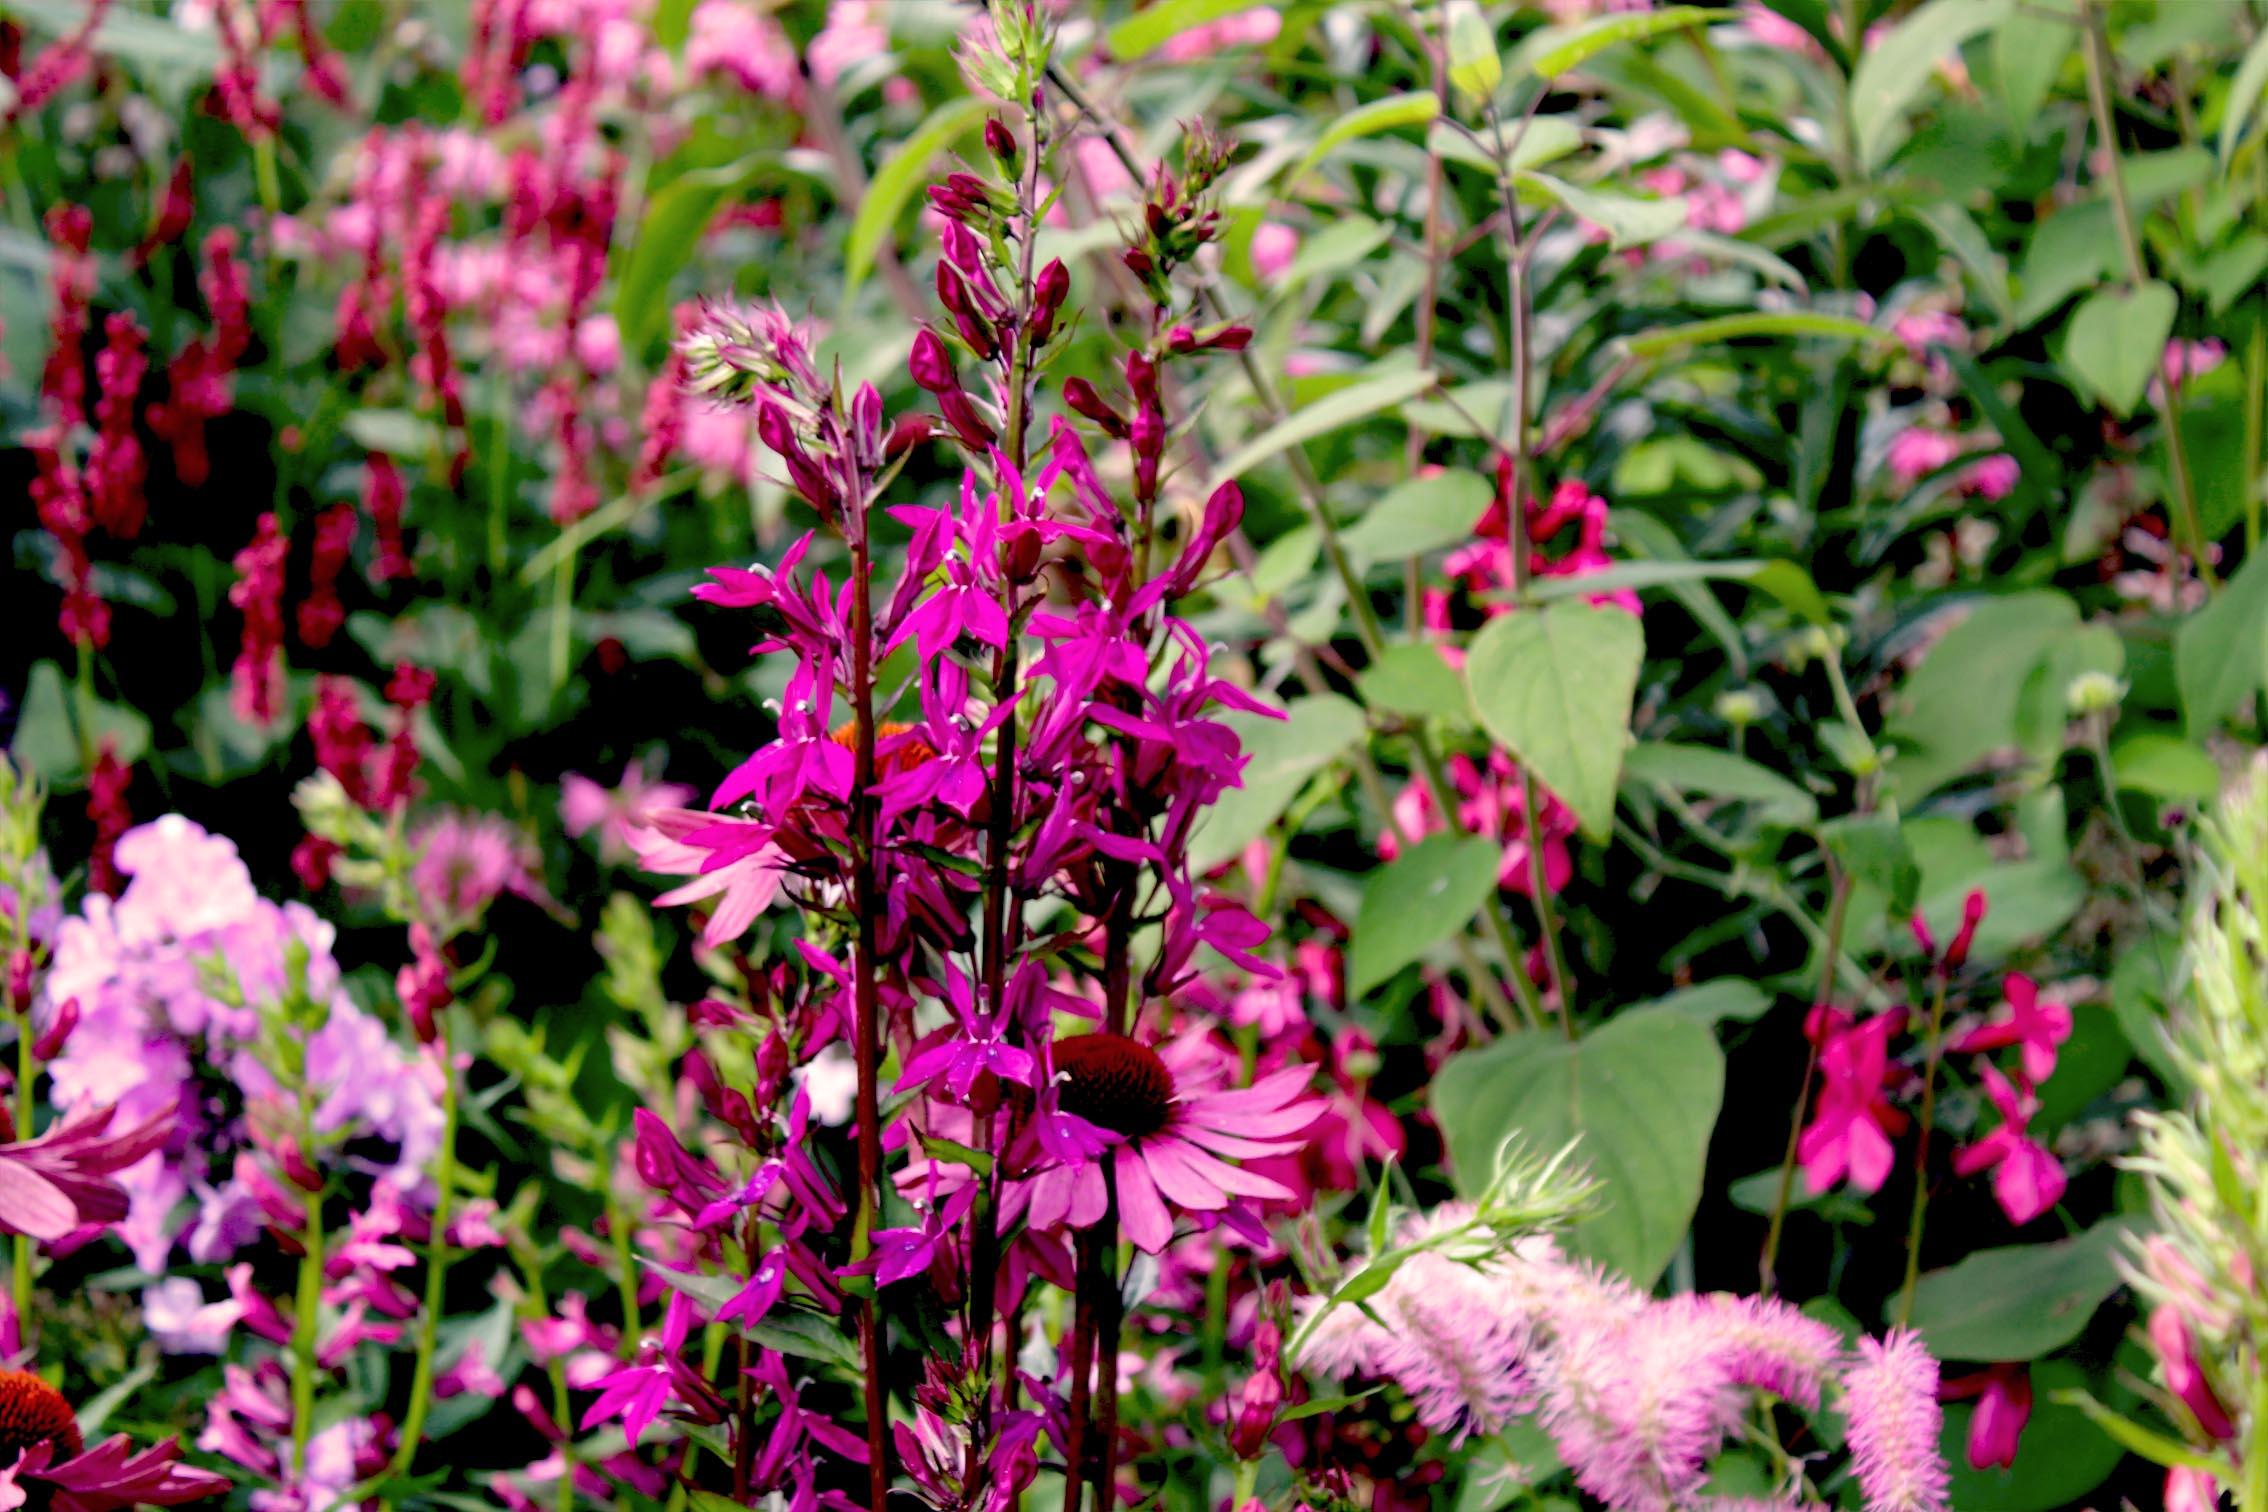 Cottage Garten Die 10 Besten Tipps Irislandschaftench